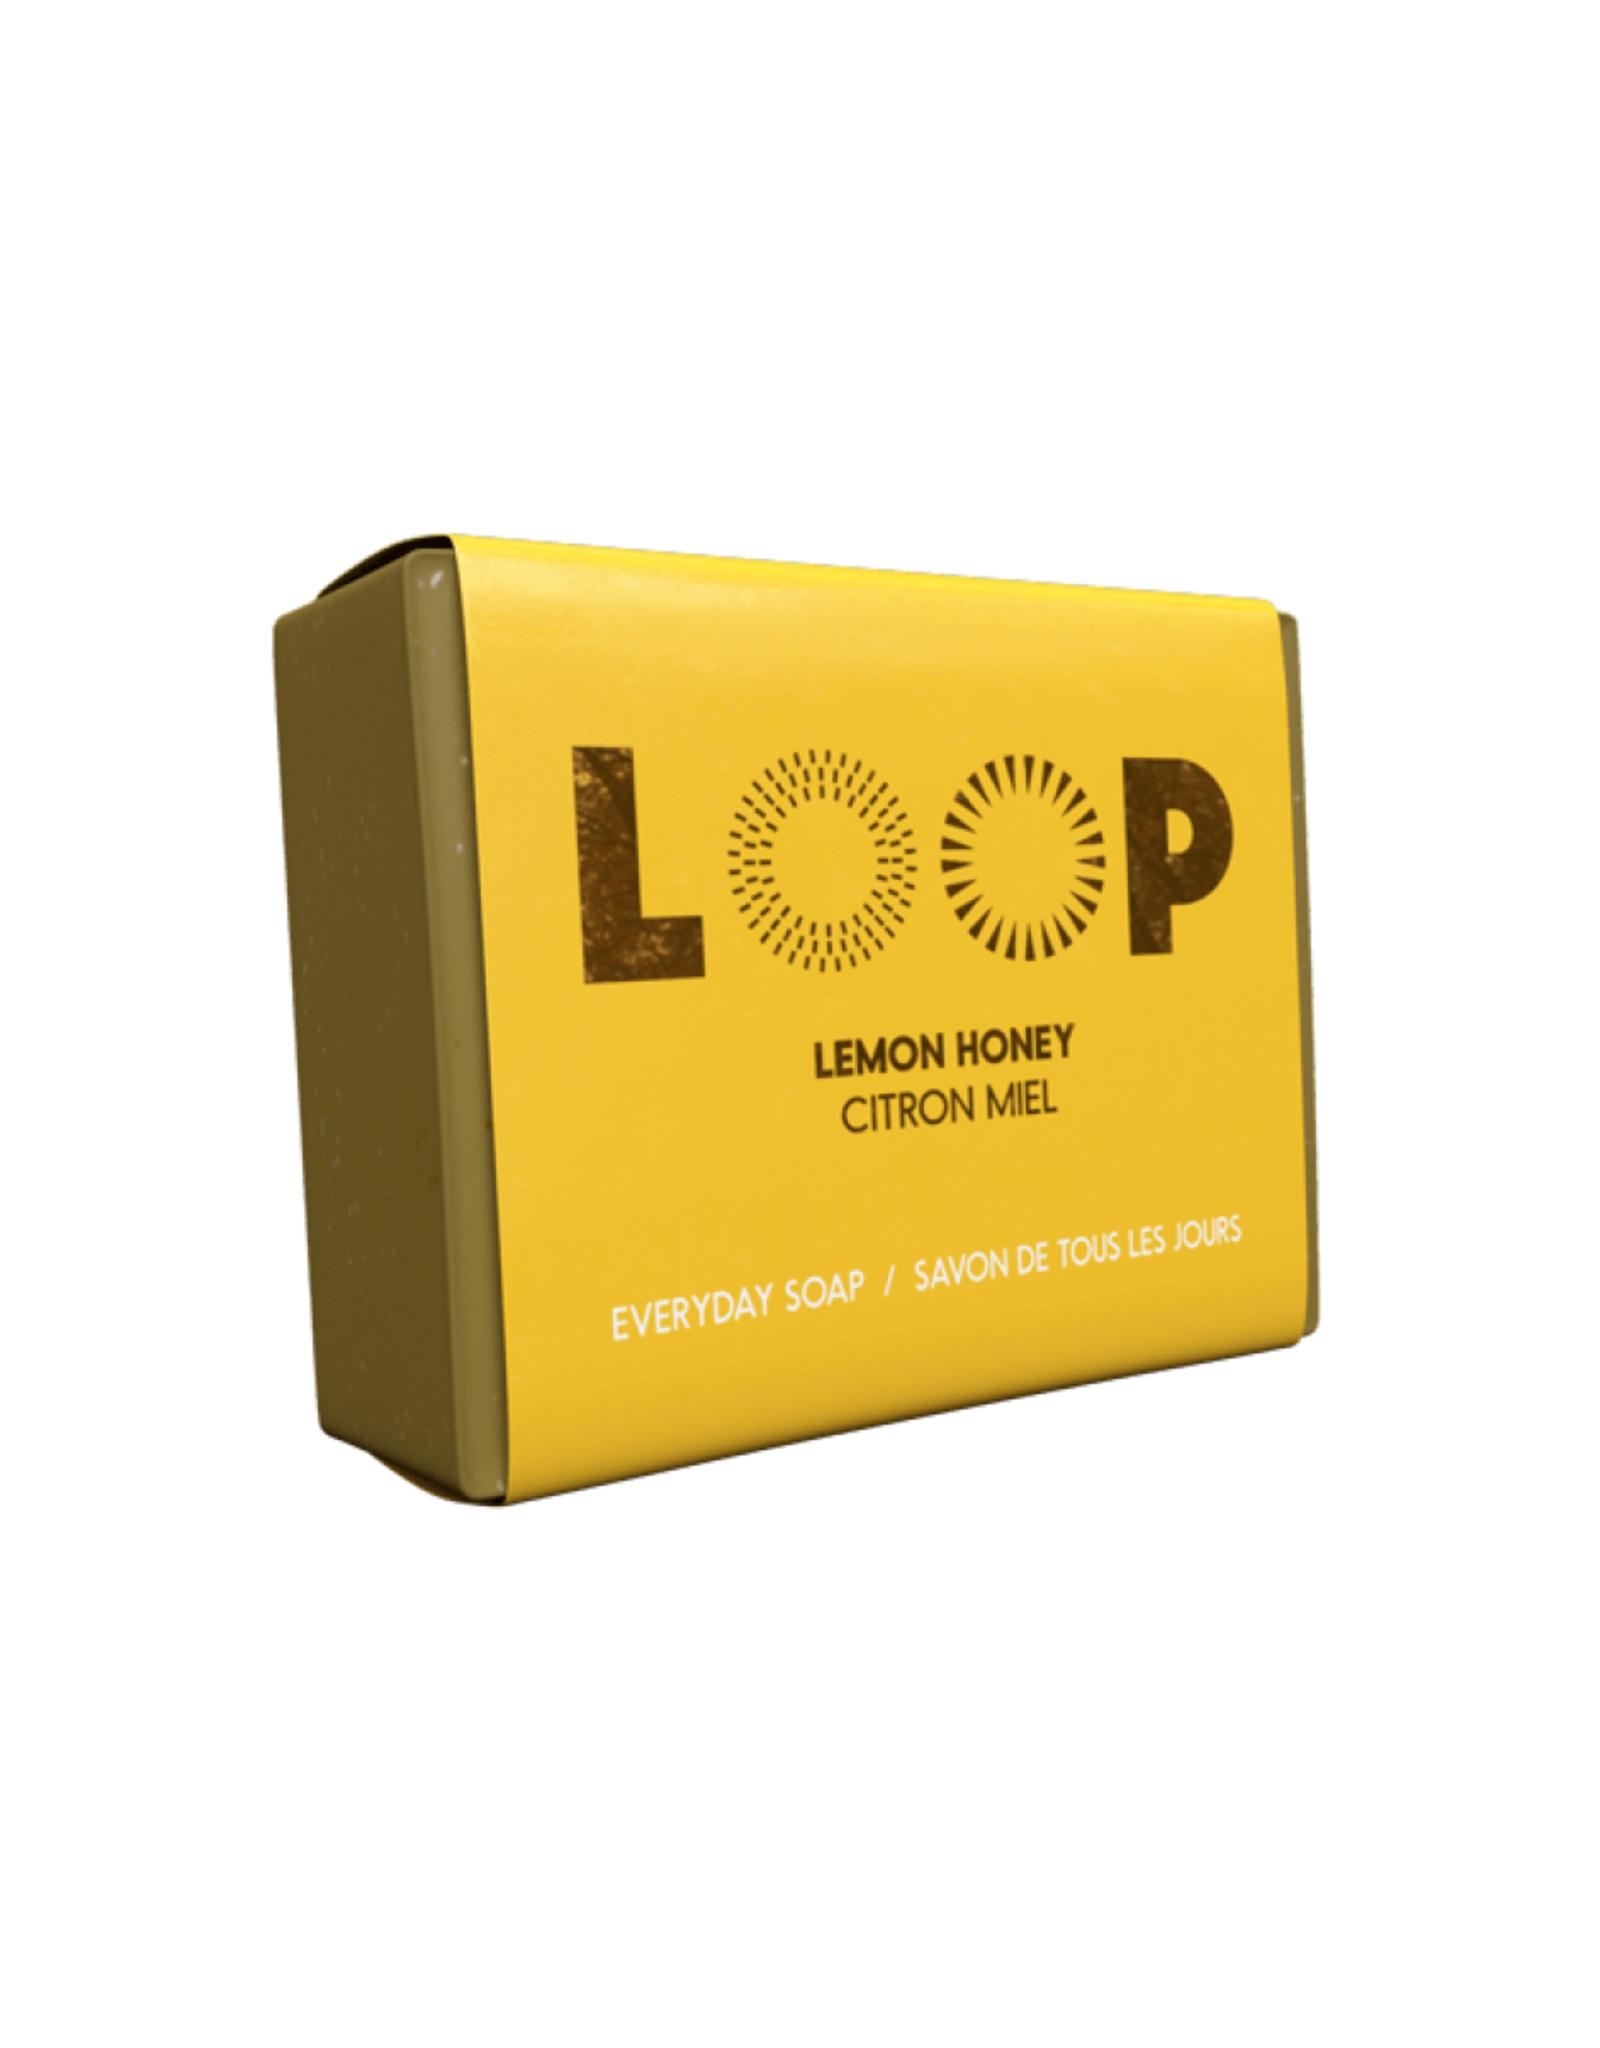 PLH - Loop - Soap 100 g / Lemon Honey